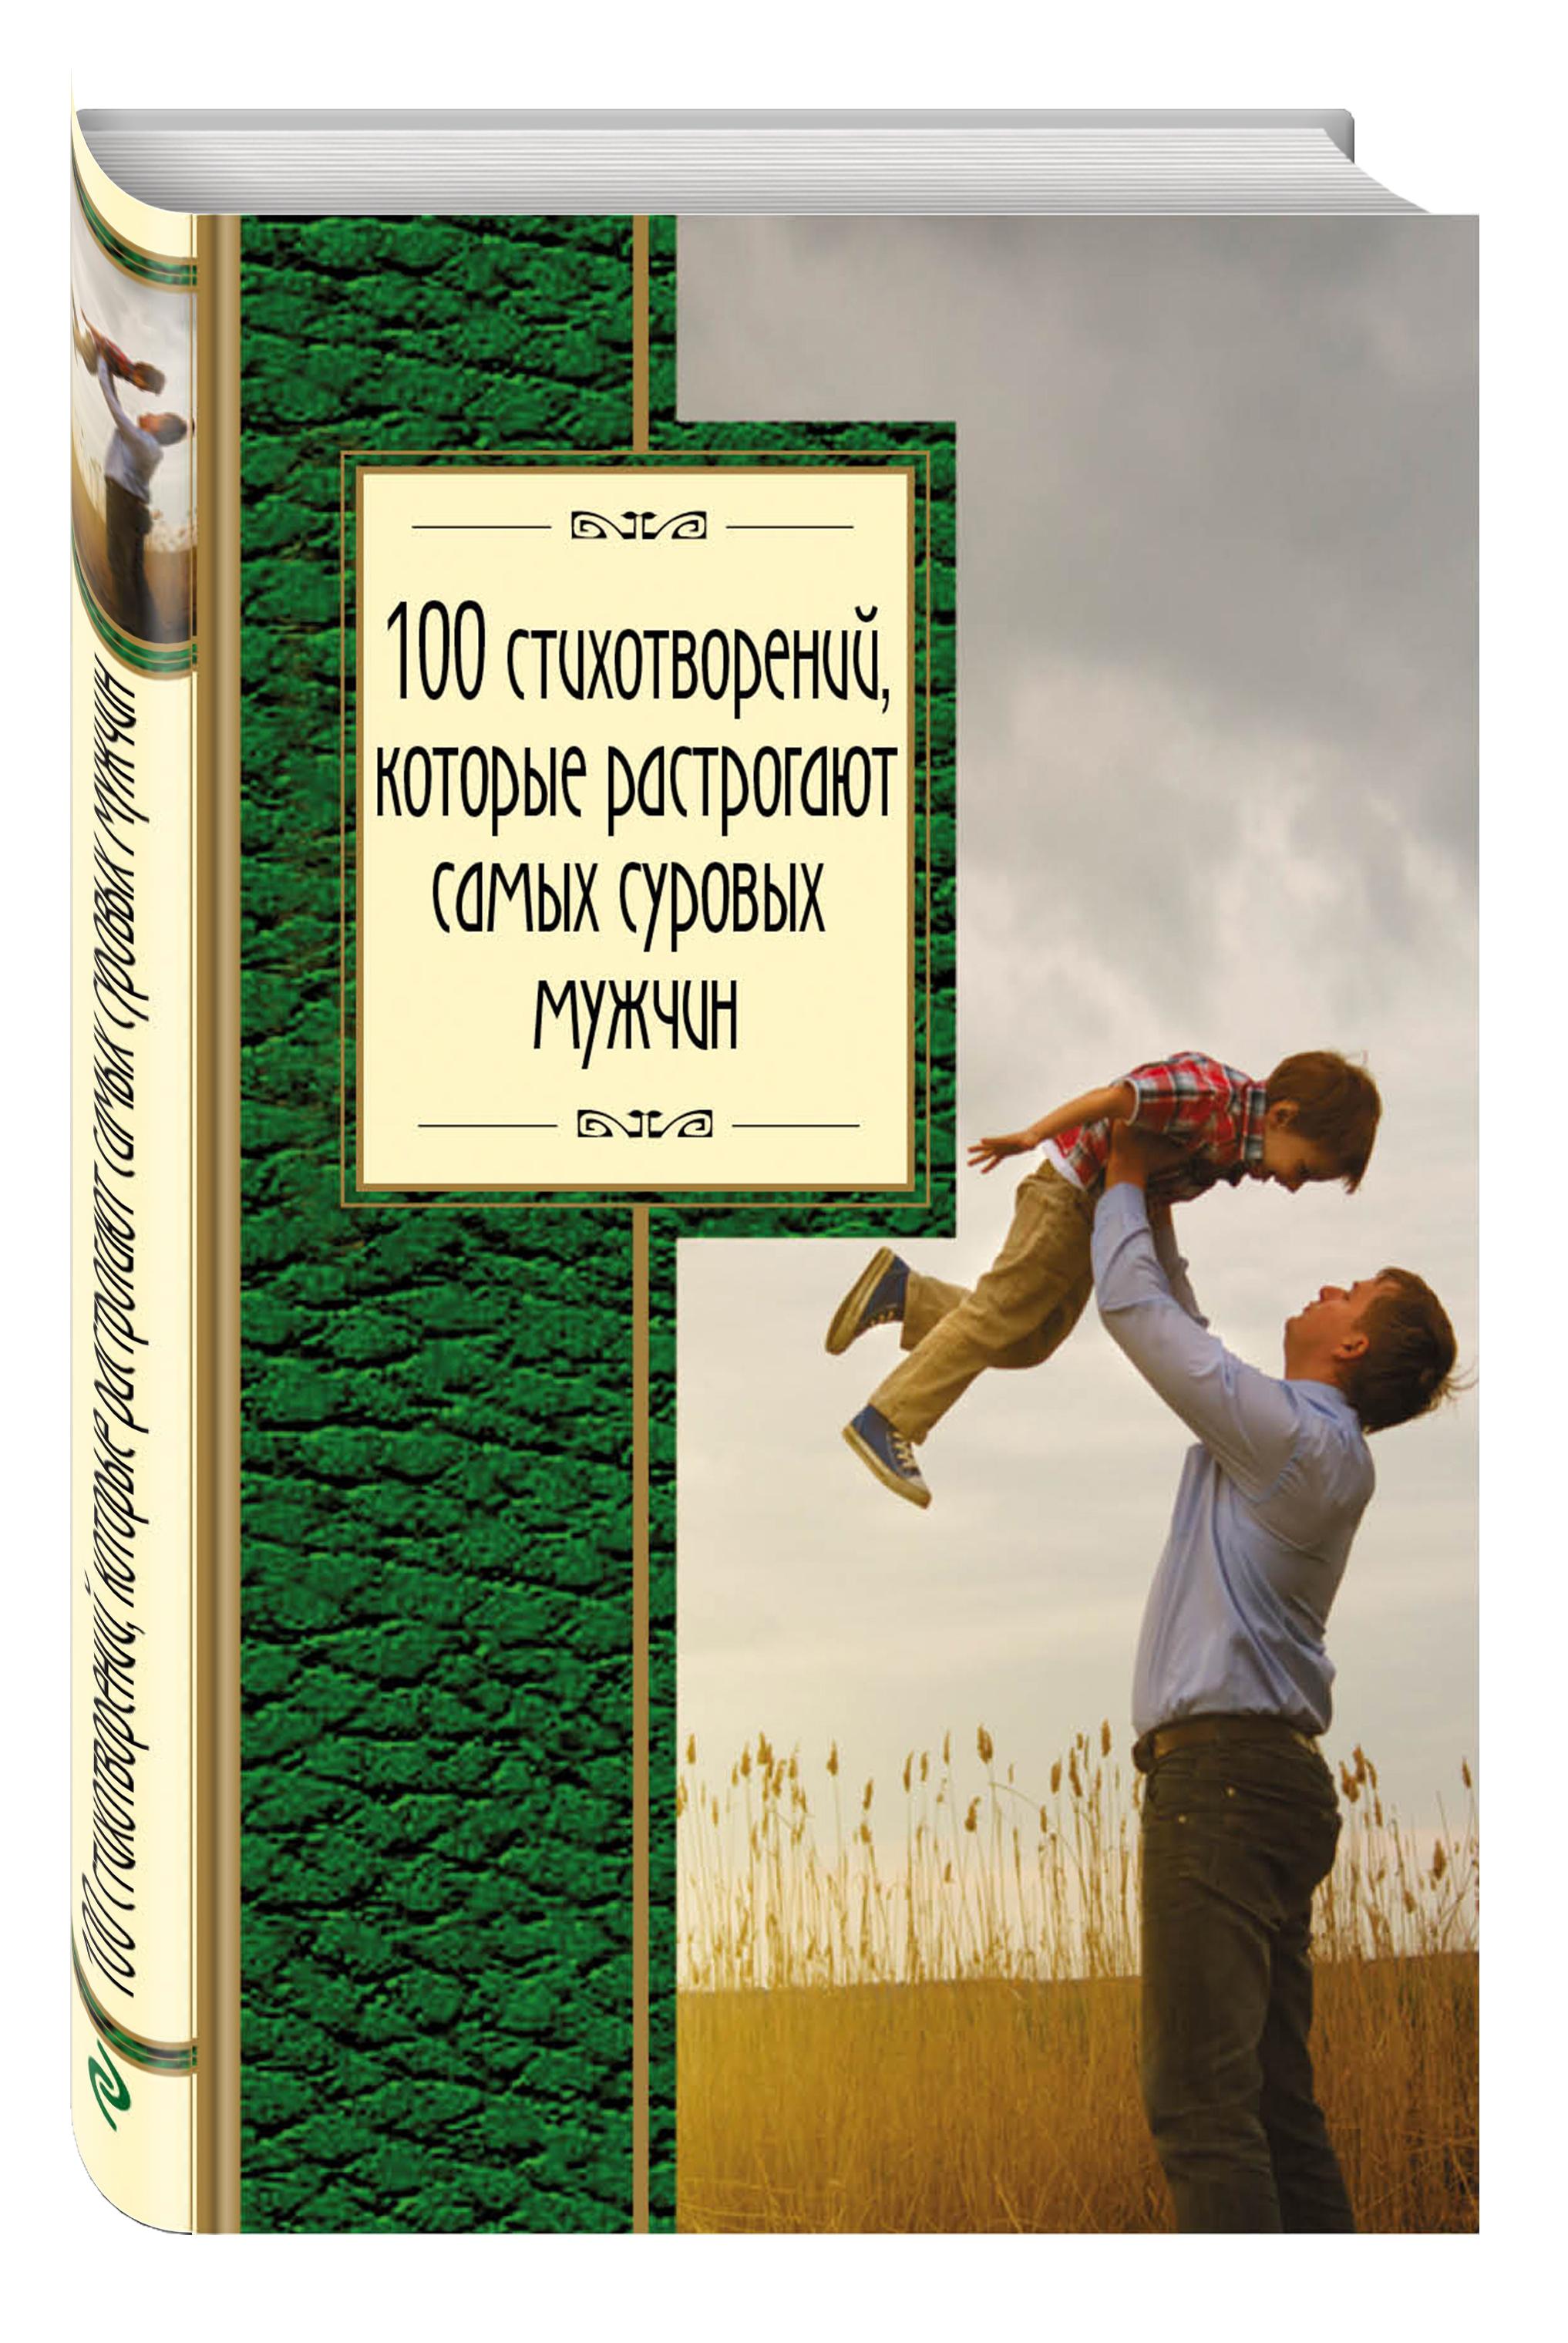 Пушкин А.С., Блок А.А., Ахматова А.А. и др. 100 стихотворений, которые растрогают самых суровых мужчин